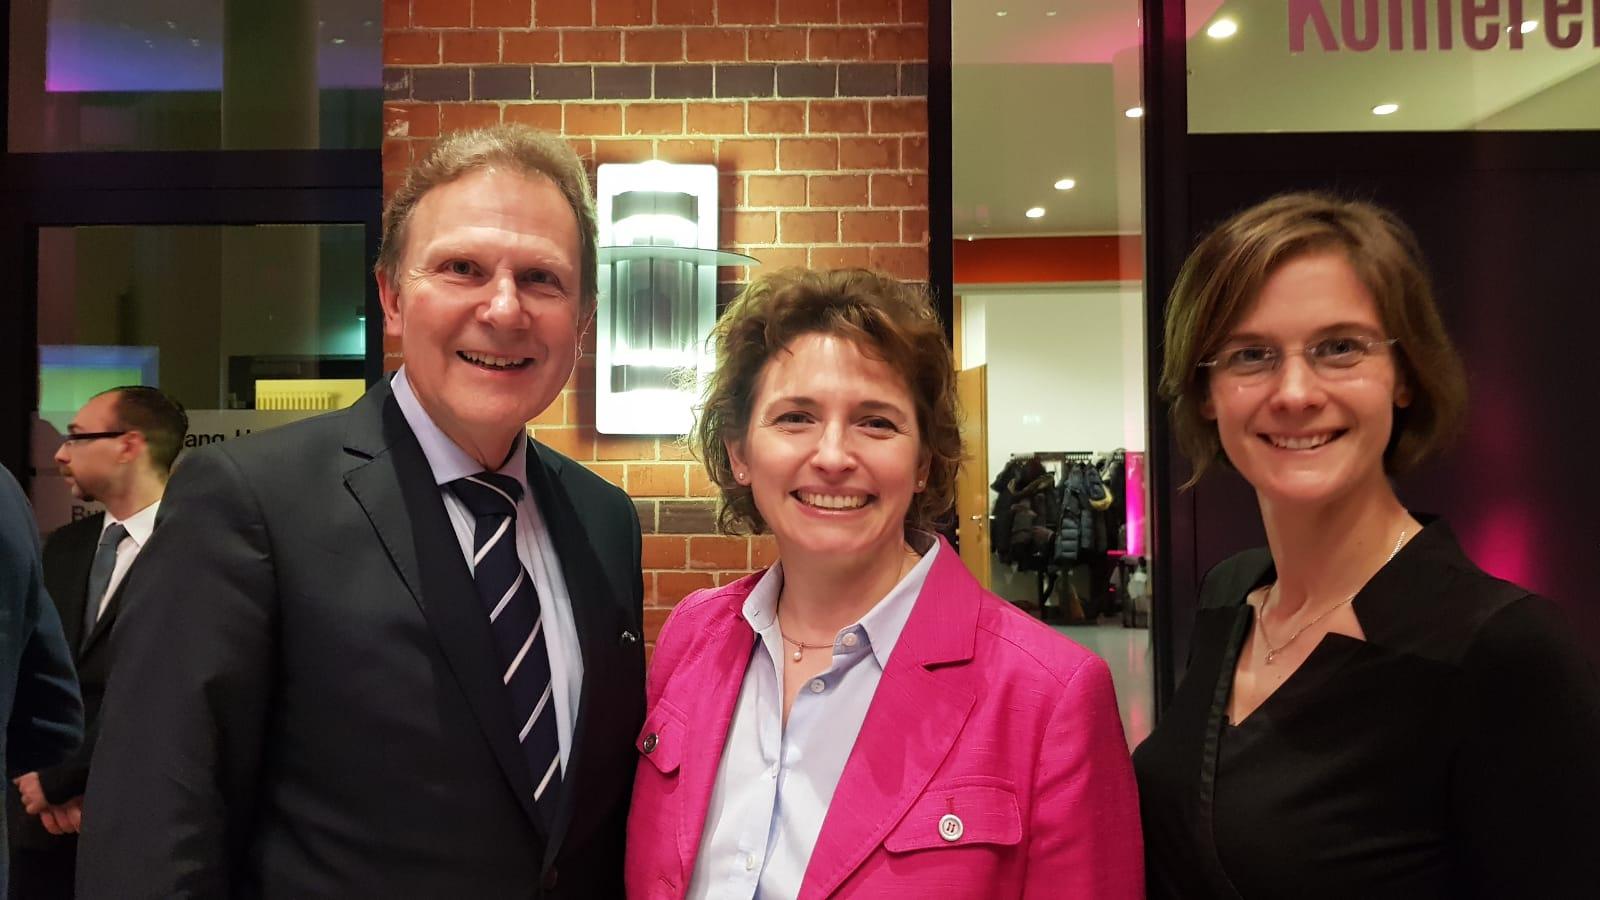 Mit dem Bonner Kandidaten Conrads-Hassel und Nicola Beer auf dem Presseabend im Genscherhaus